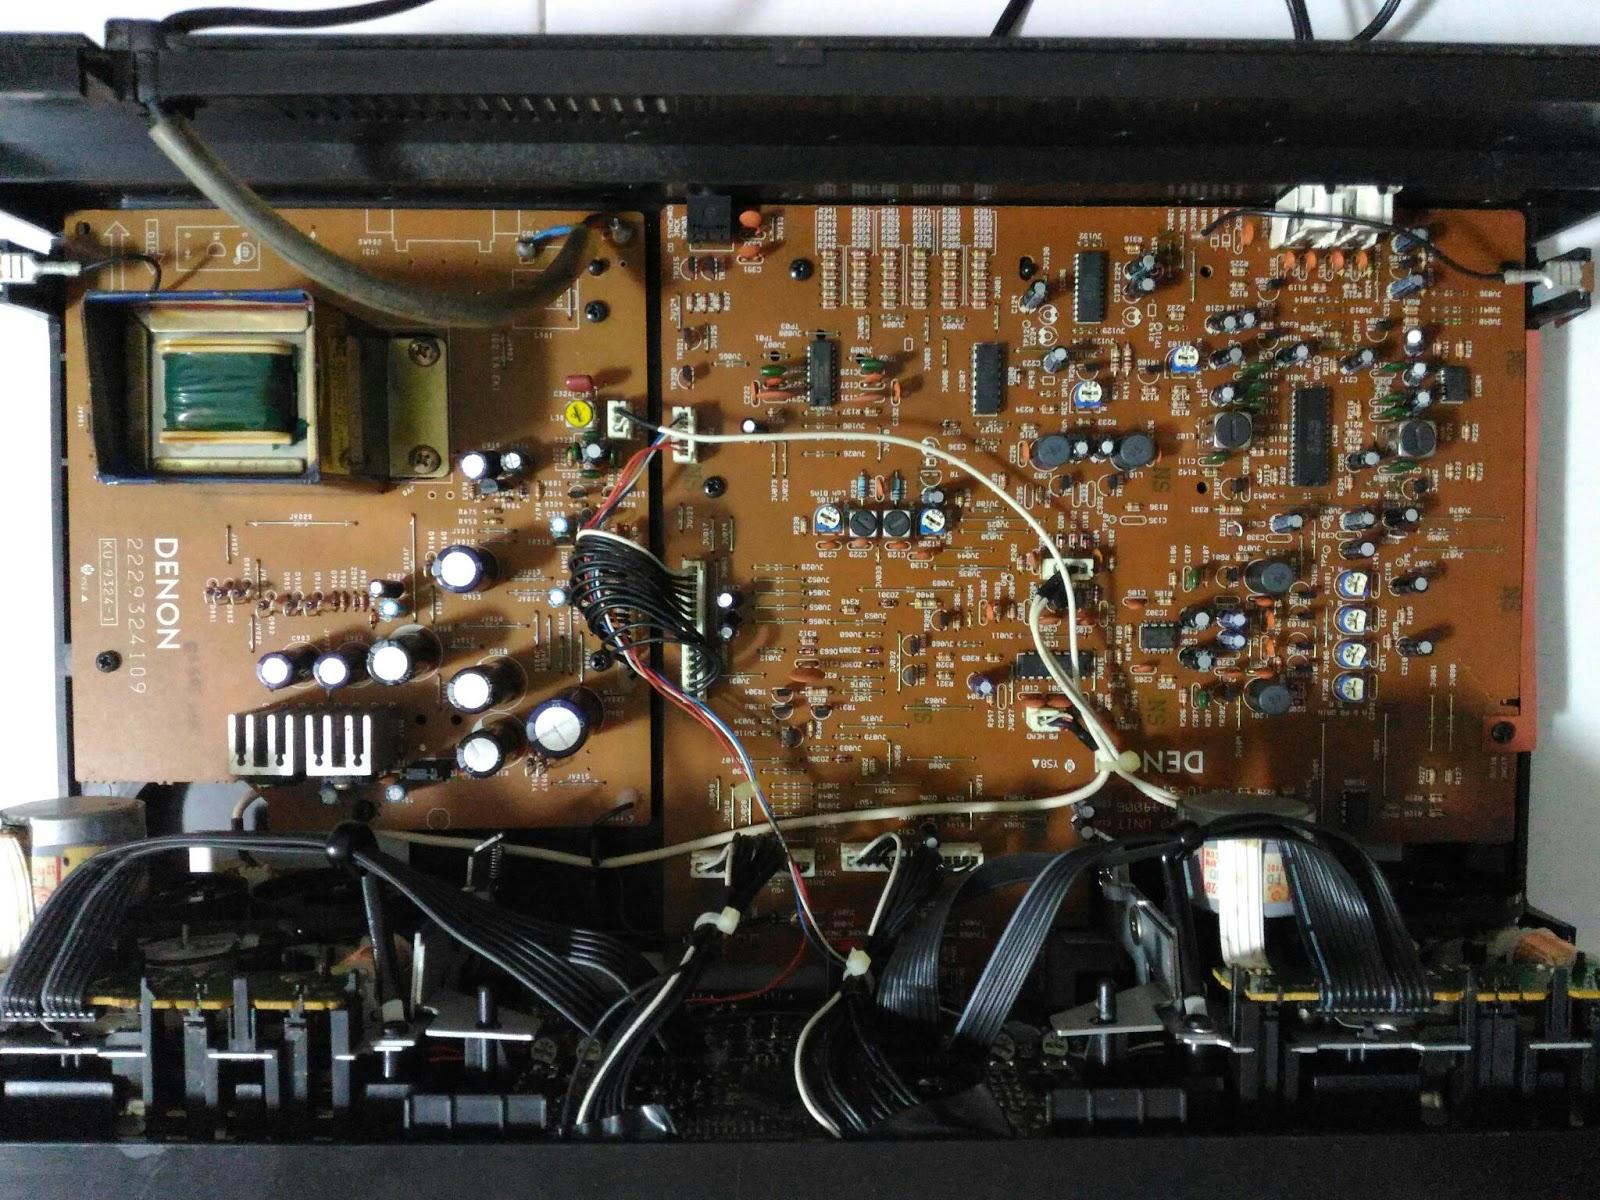 Top view of DRW-585 internals